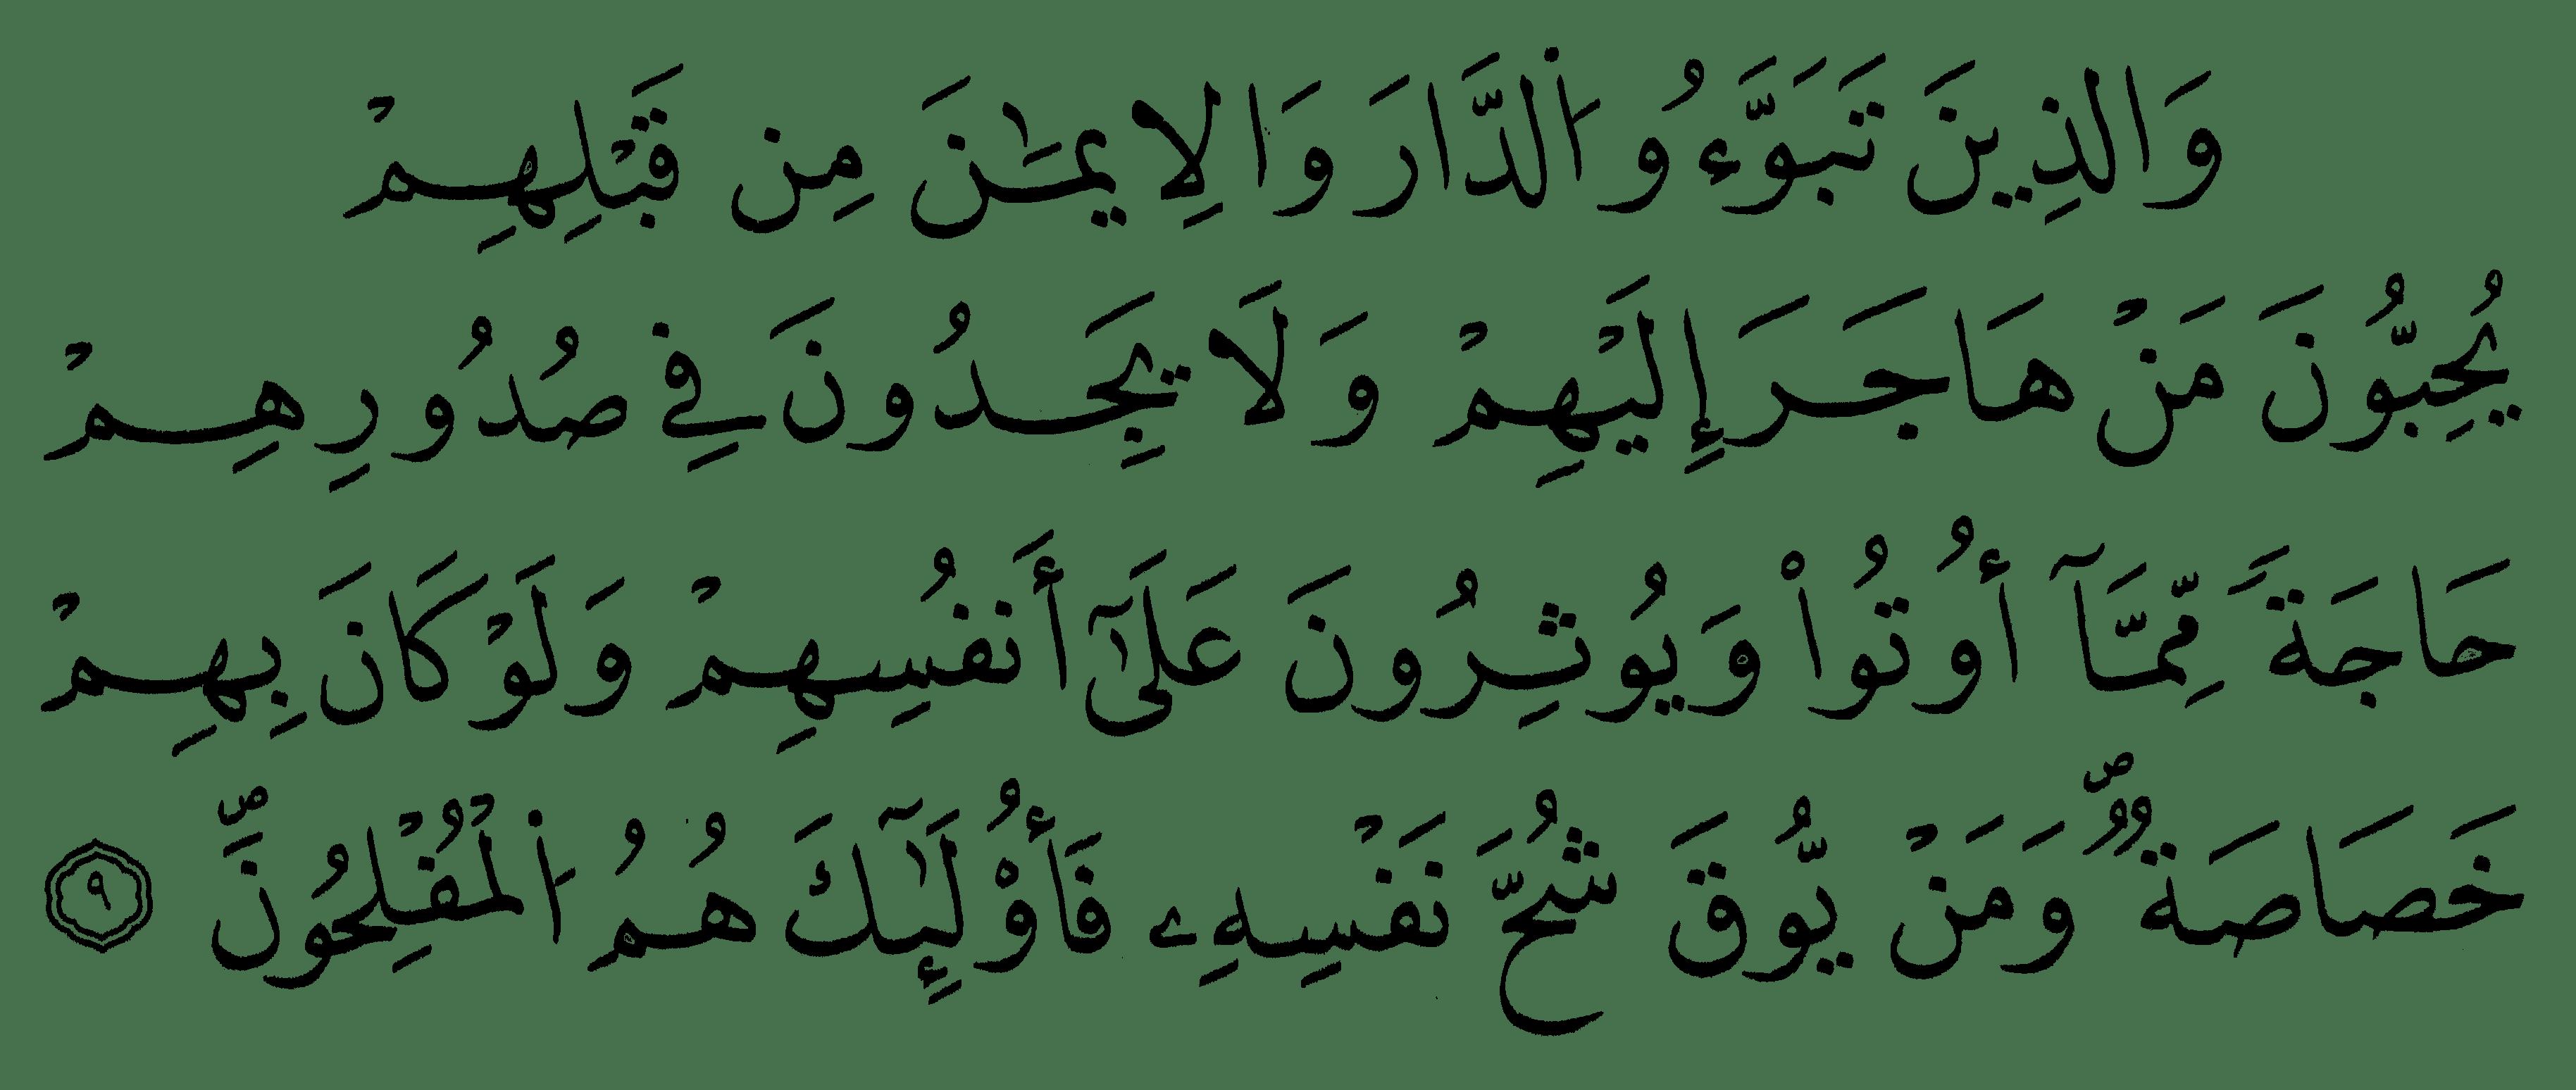 2. Madina in Qur'an - Al-Hashr 9-min